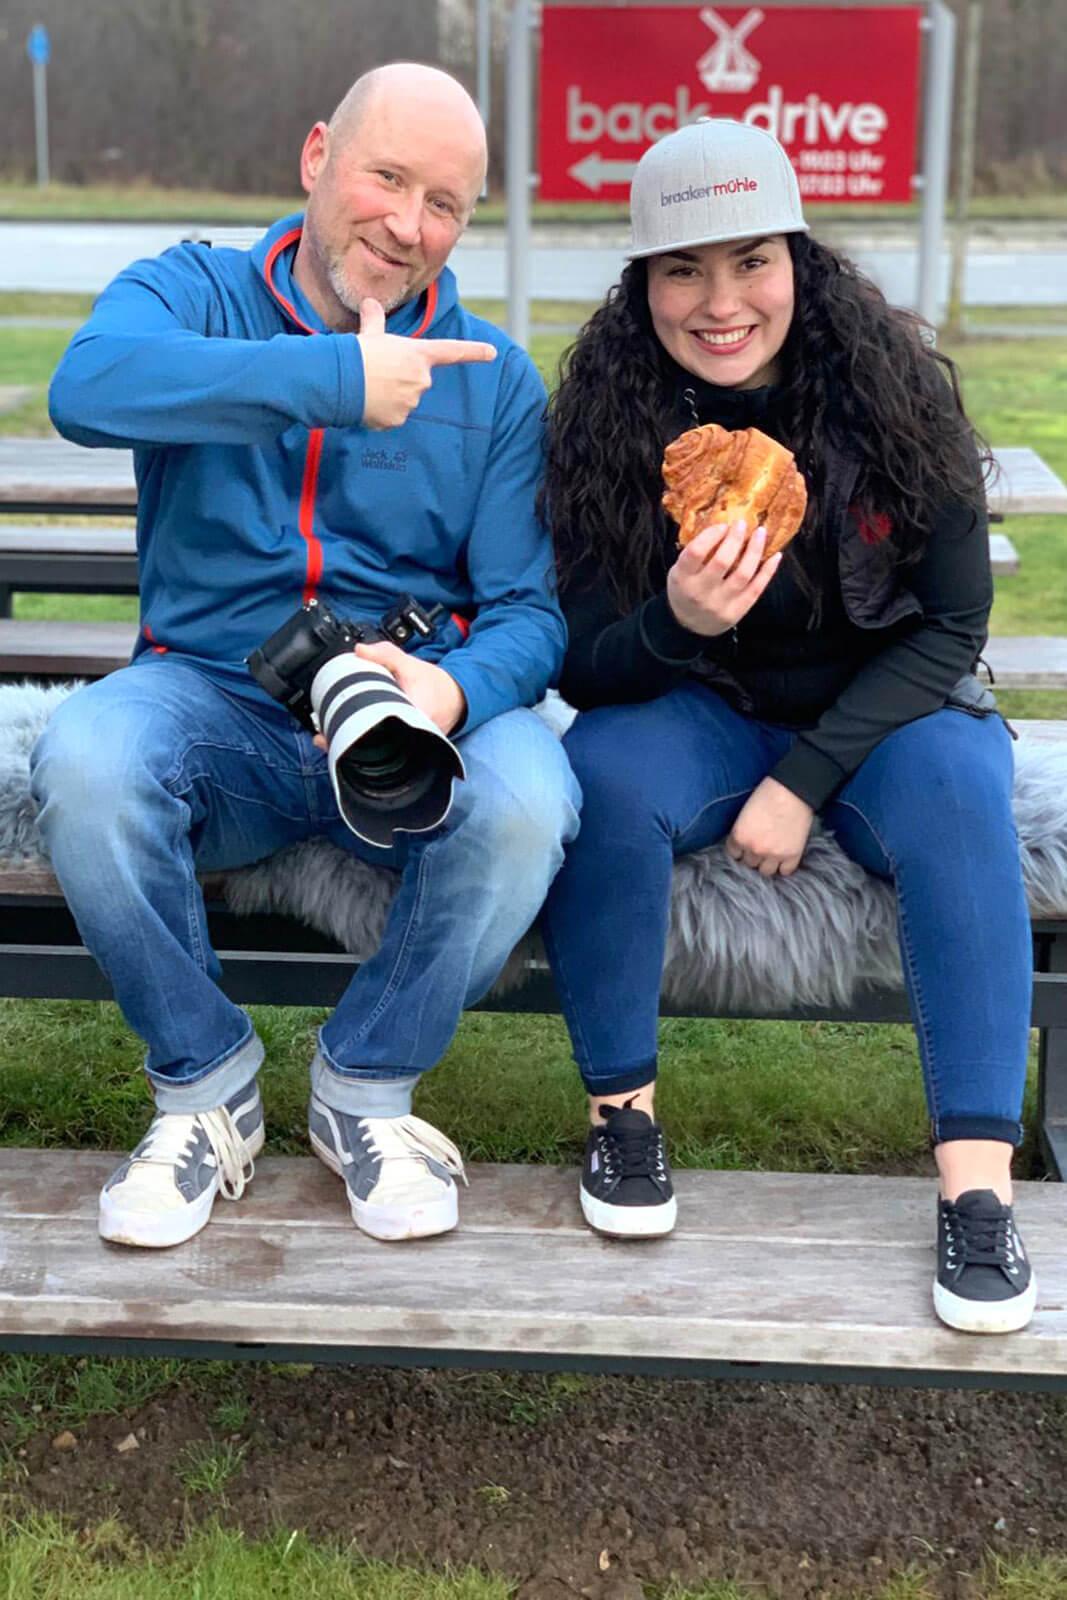 Der Fotograf Florian Läufer aus Hamburg mit Model Katherine im Backdrive Stapelfeld.